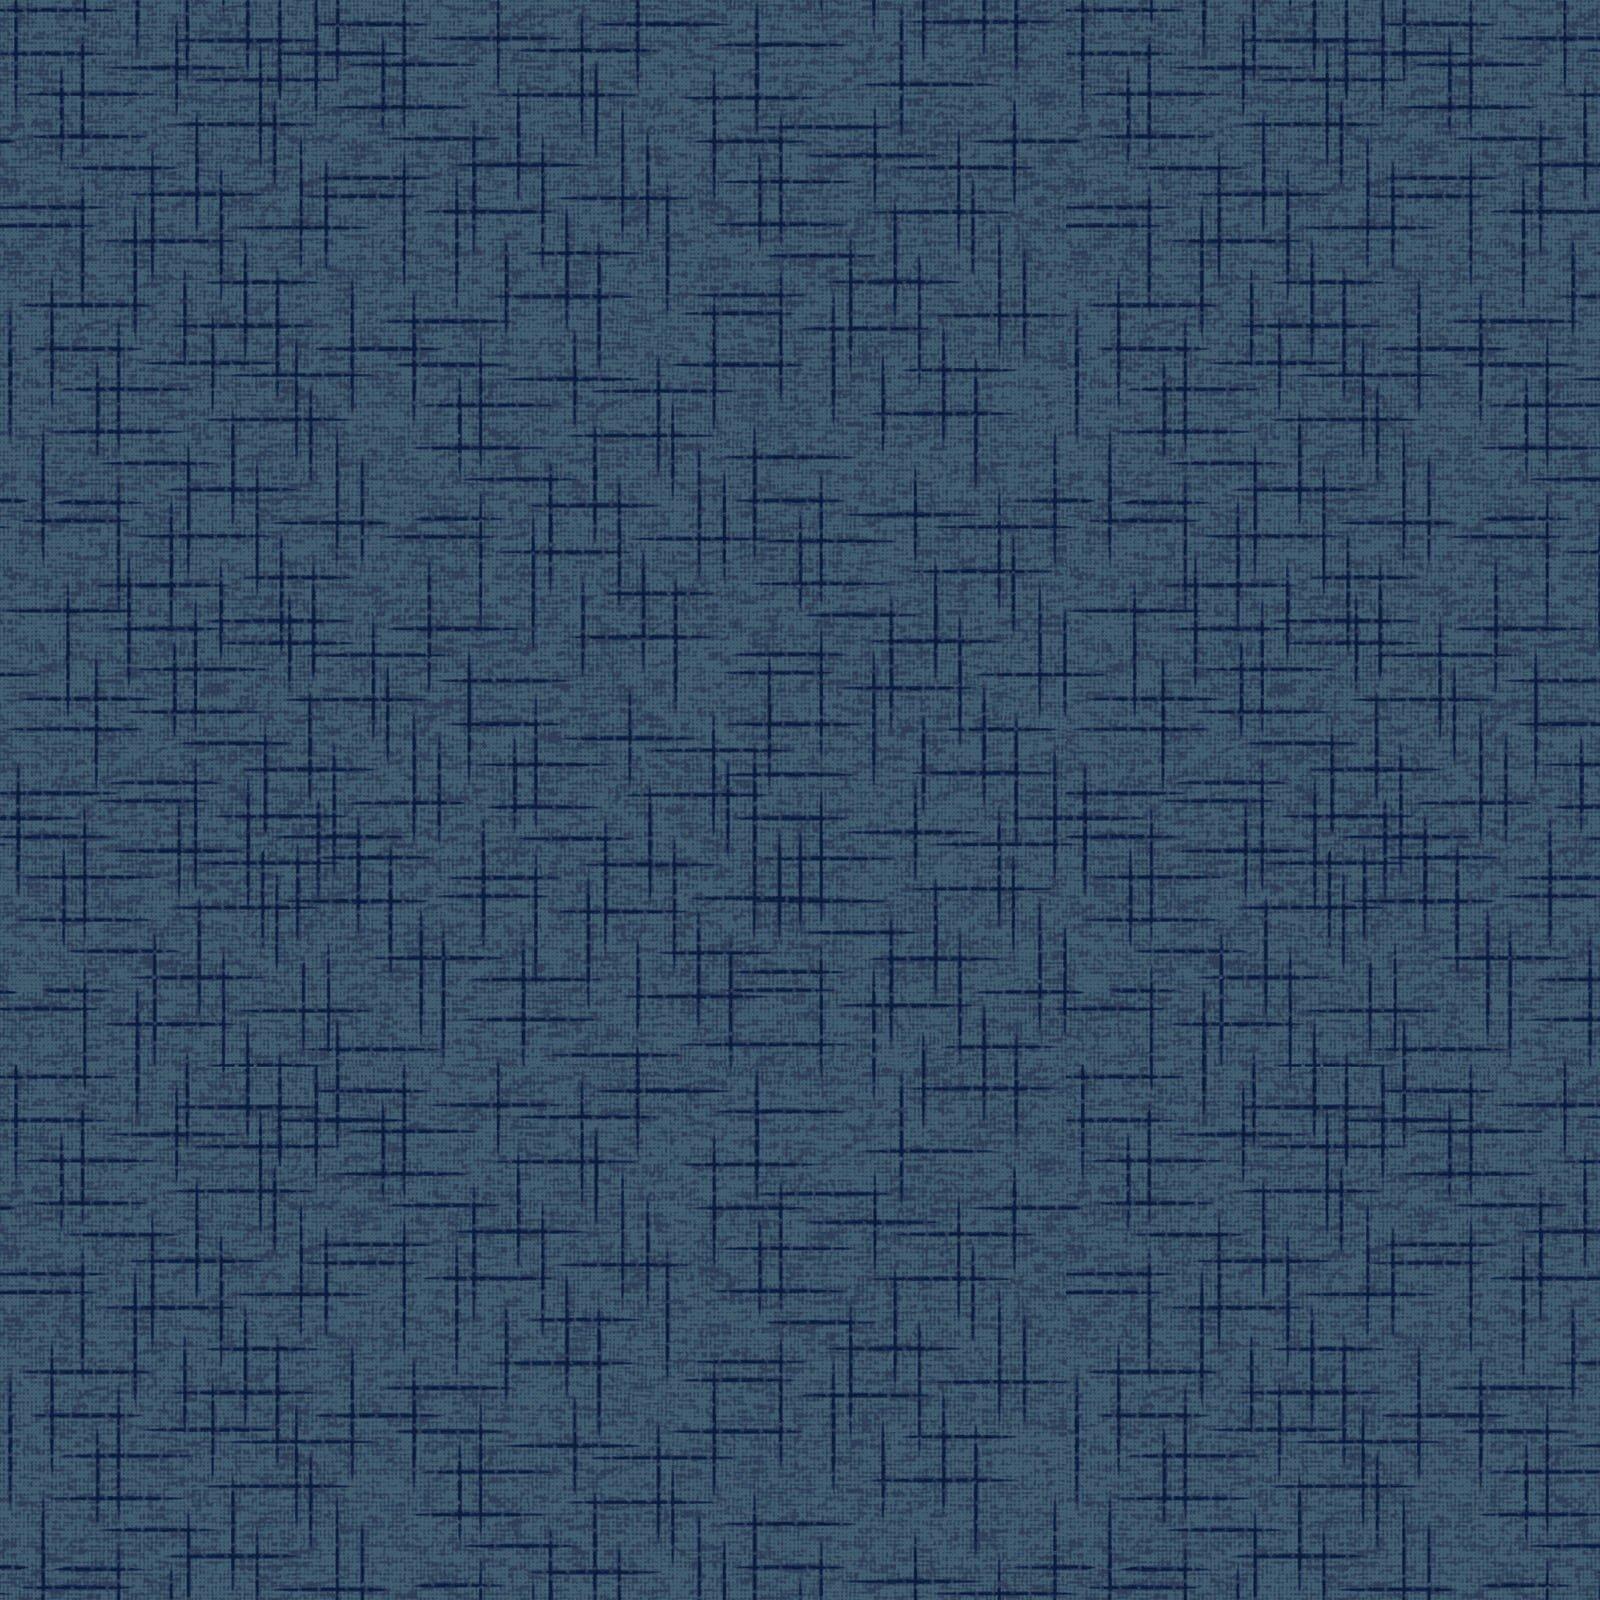 Kimberbell 108 Wide Back - Linen Texture - Navy